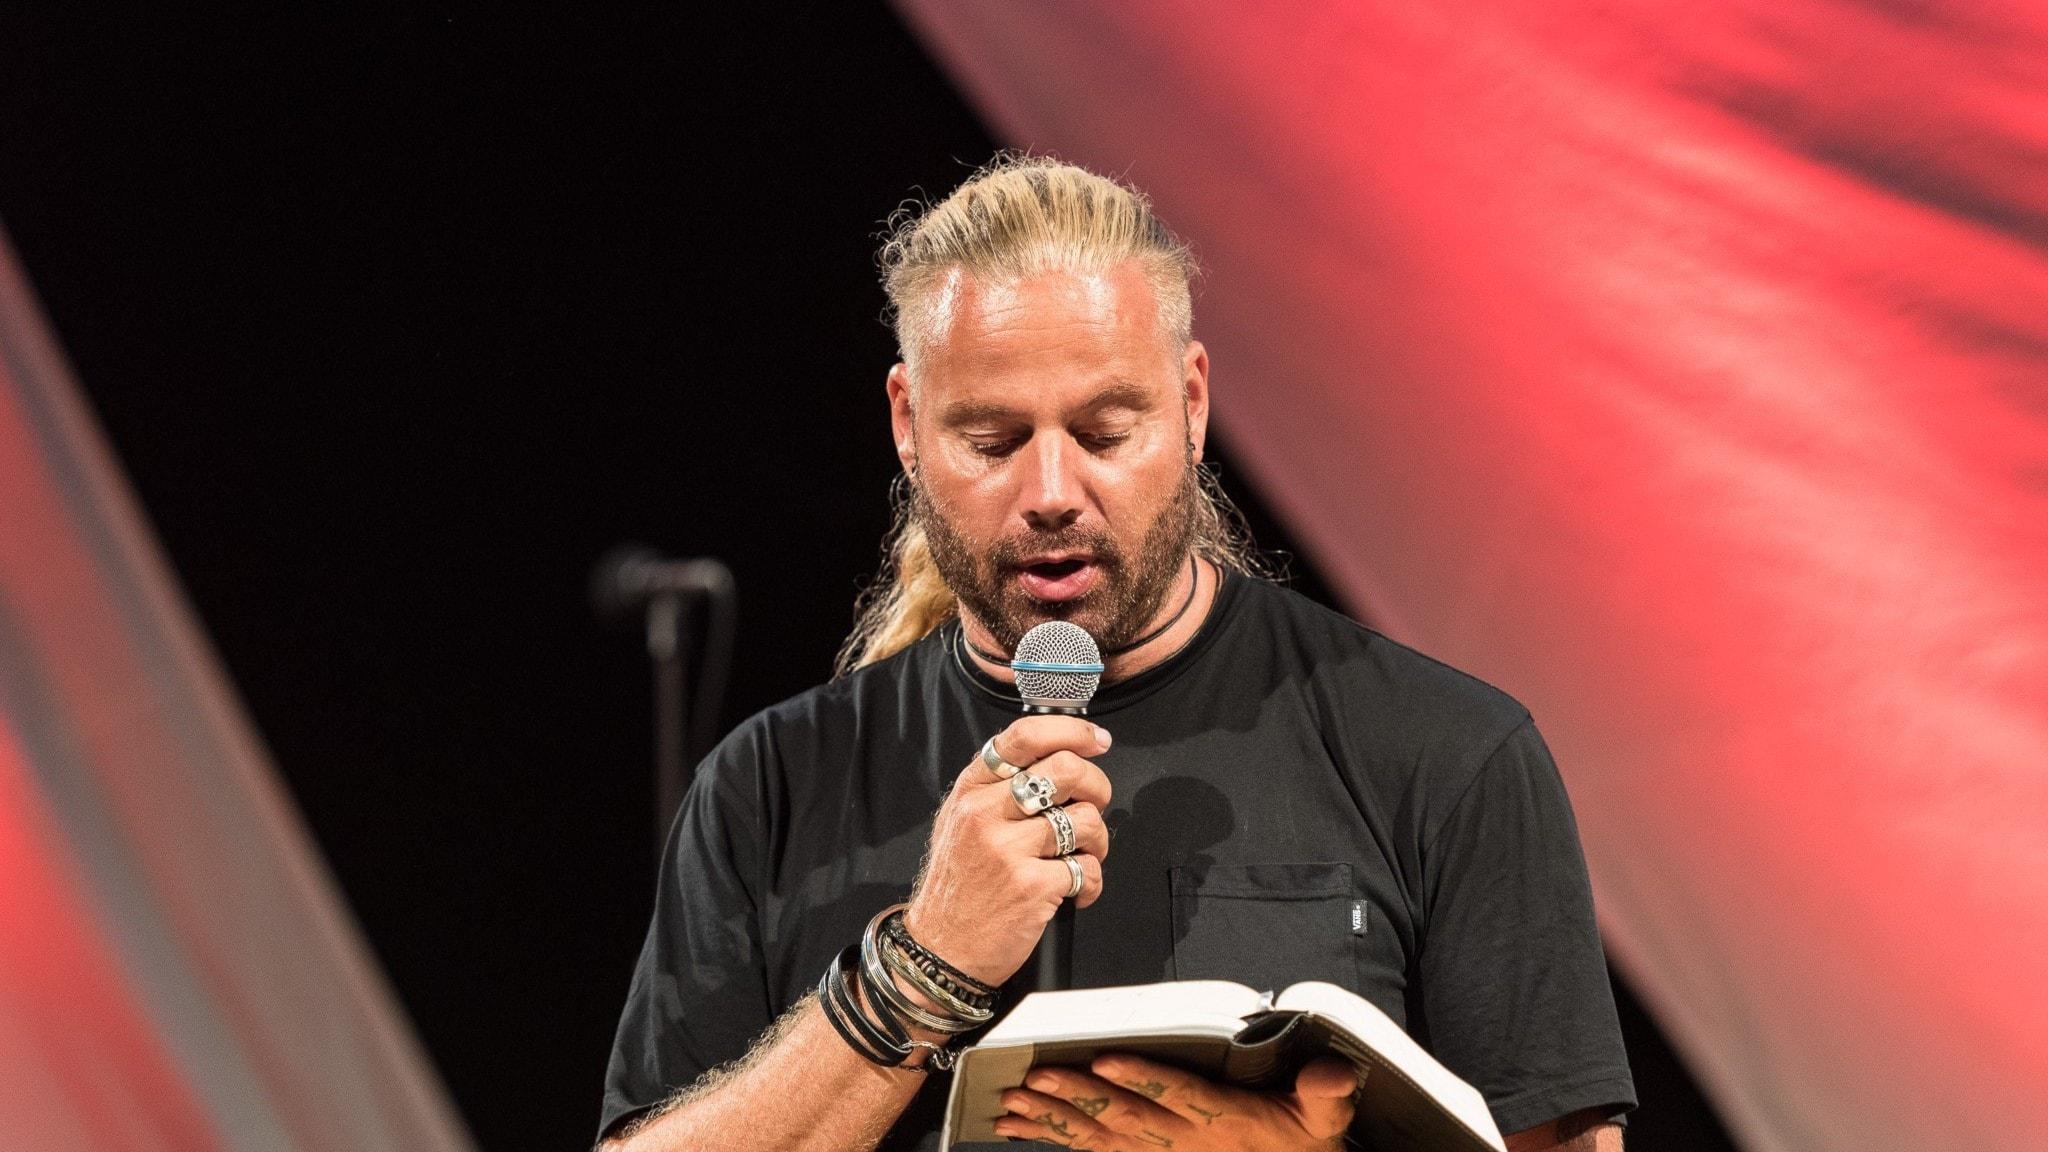 Pastor Marcus Olson läser med en mikrofon på en scen.